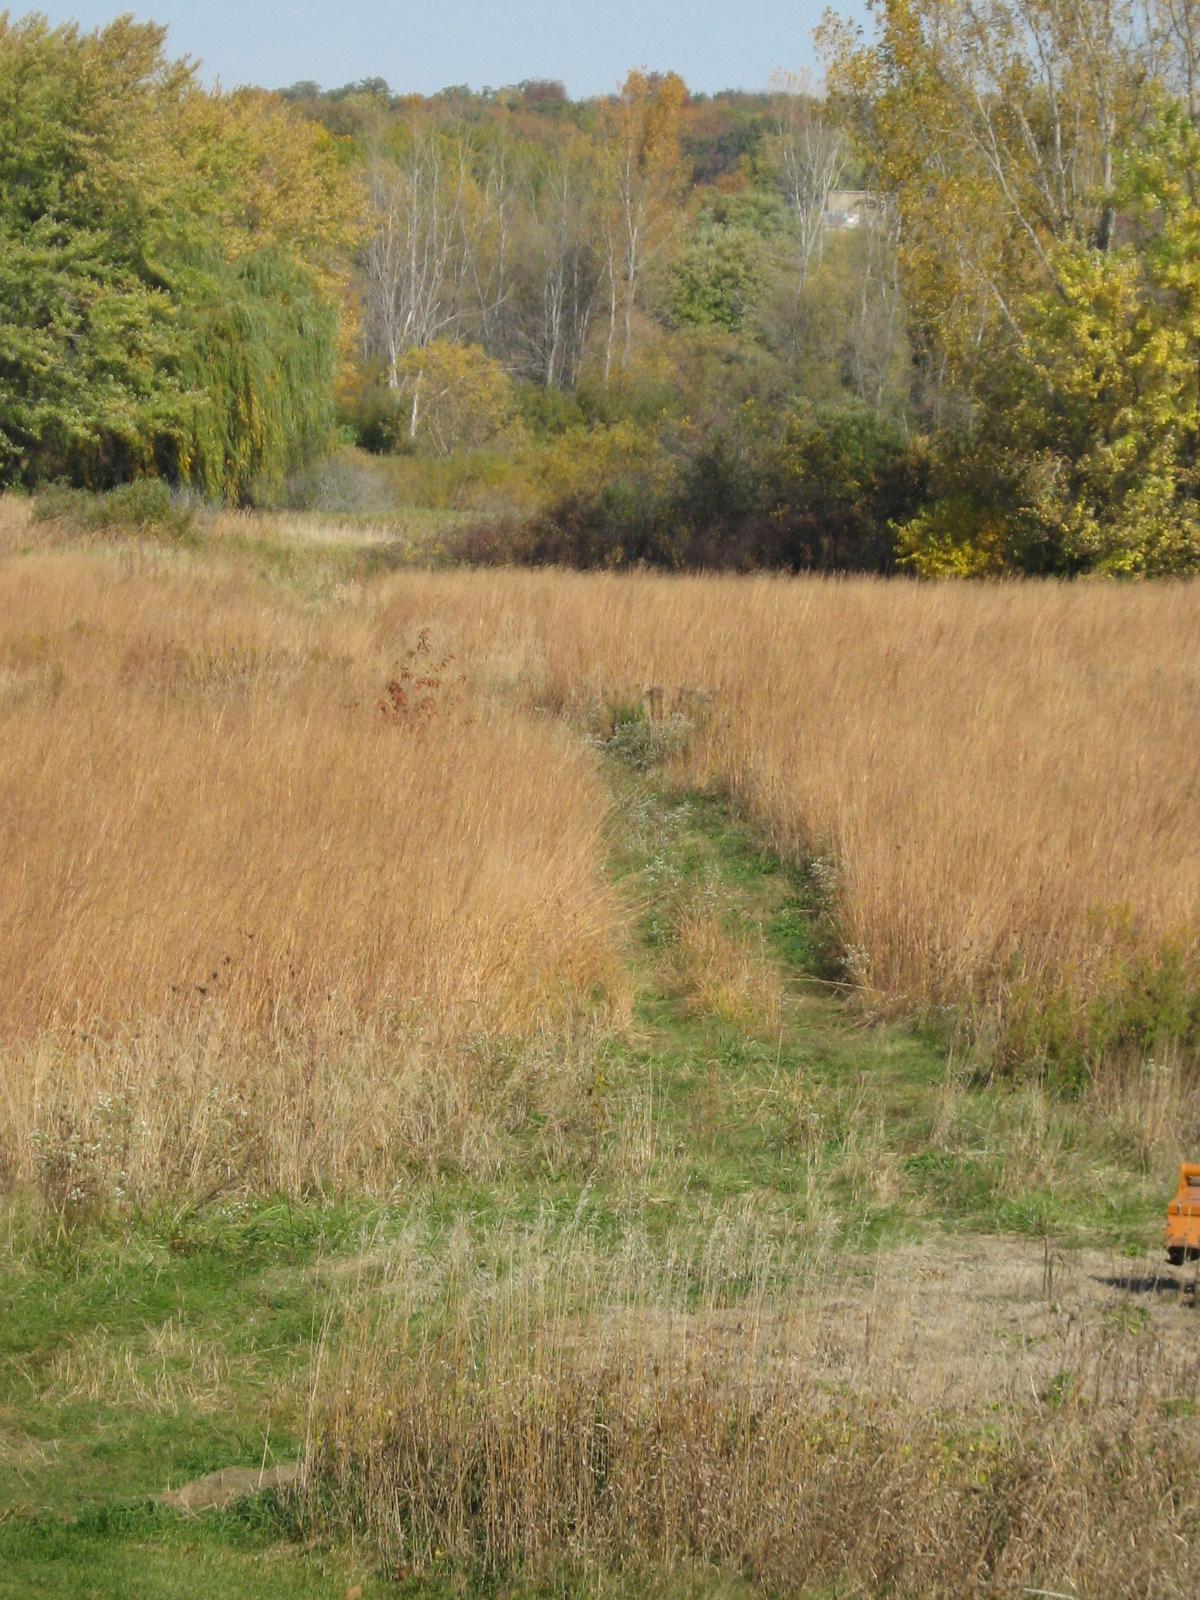 brush scheels fields of at henry